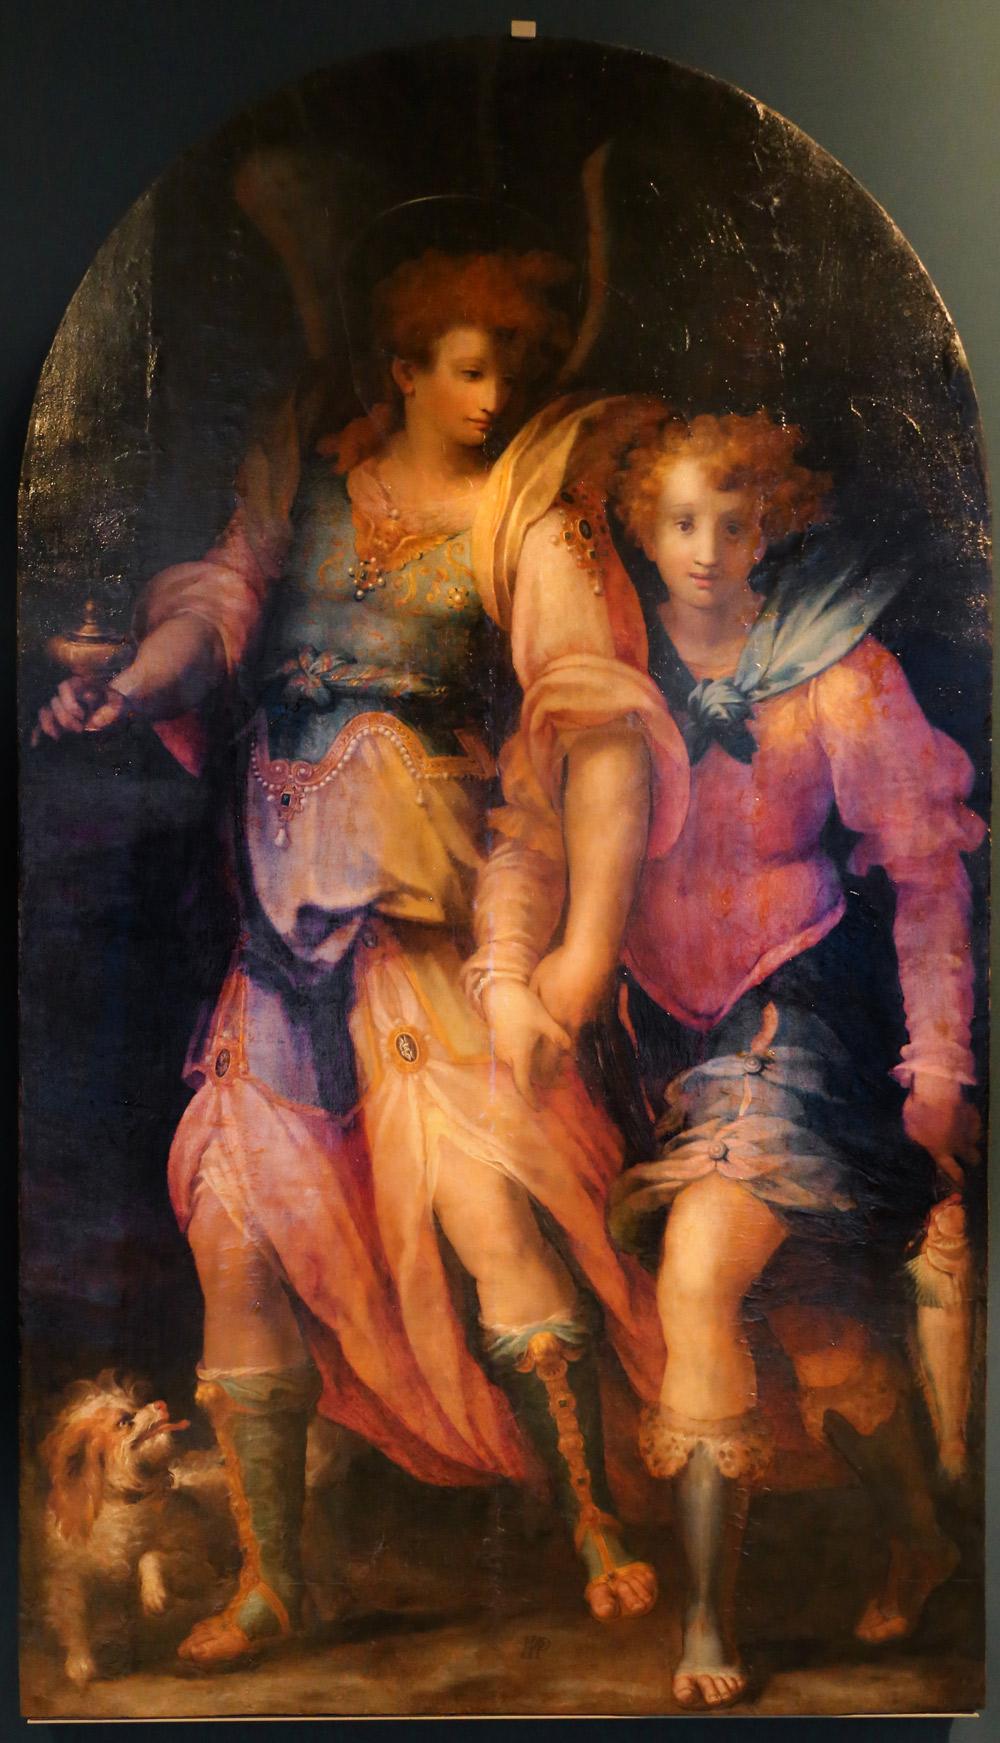 Francesco Morandini detto il Poppi, Tobia e l'angelo (1572-1573; olio sus tavola, 215 x 130 cm; Prato, Museo Civico di Palazzo Pretorio)